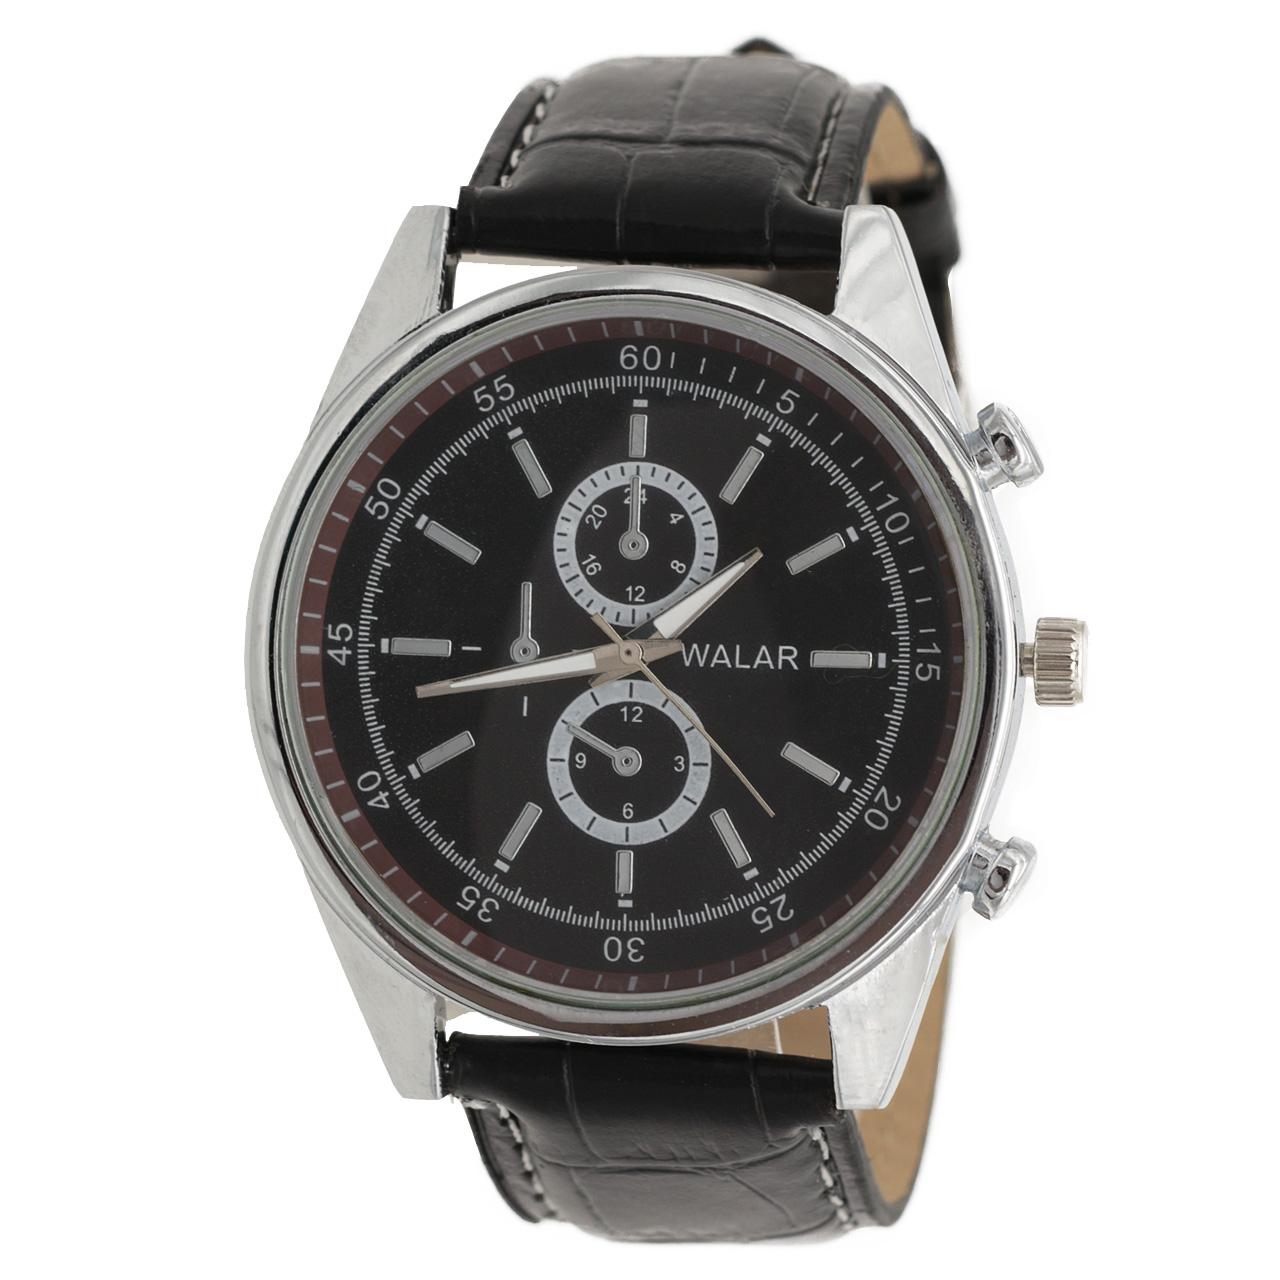 خرید ساعت مچی عقربه ای مردانه والار مدل F1667